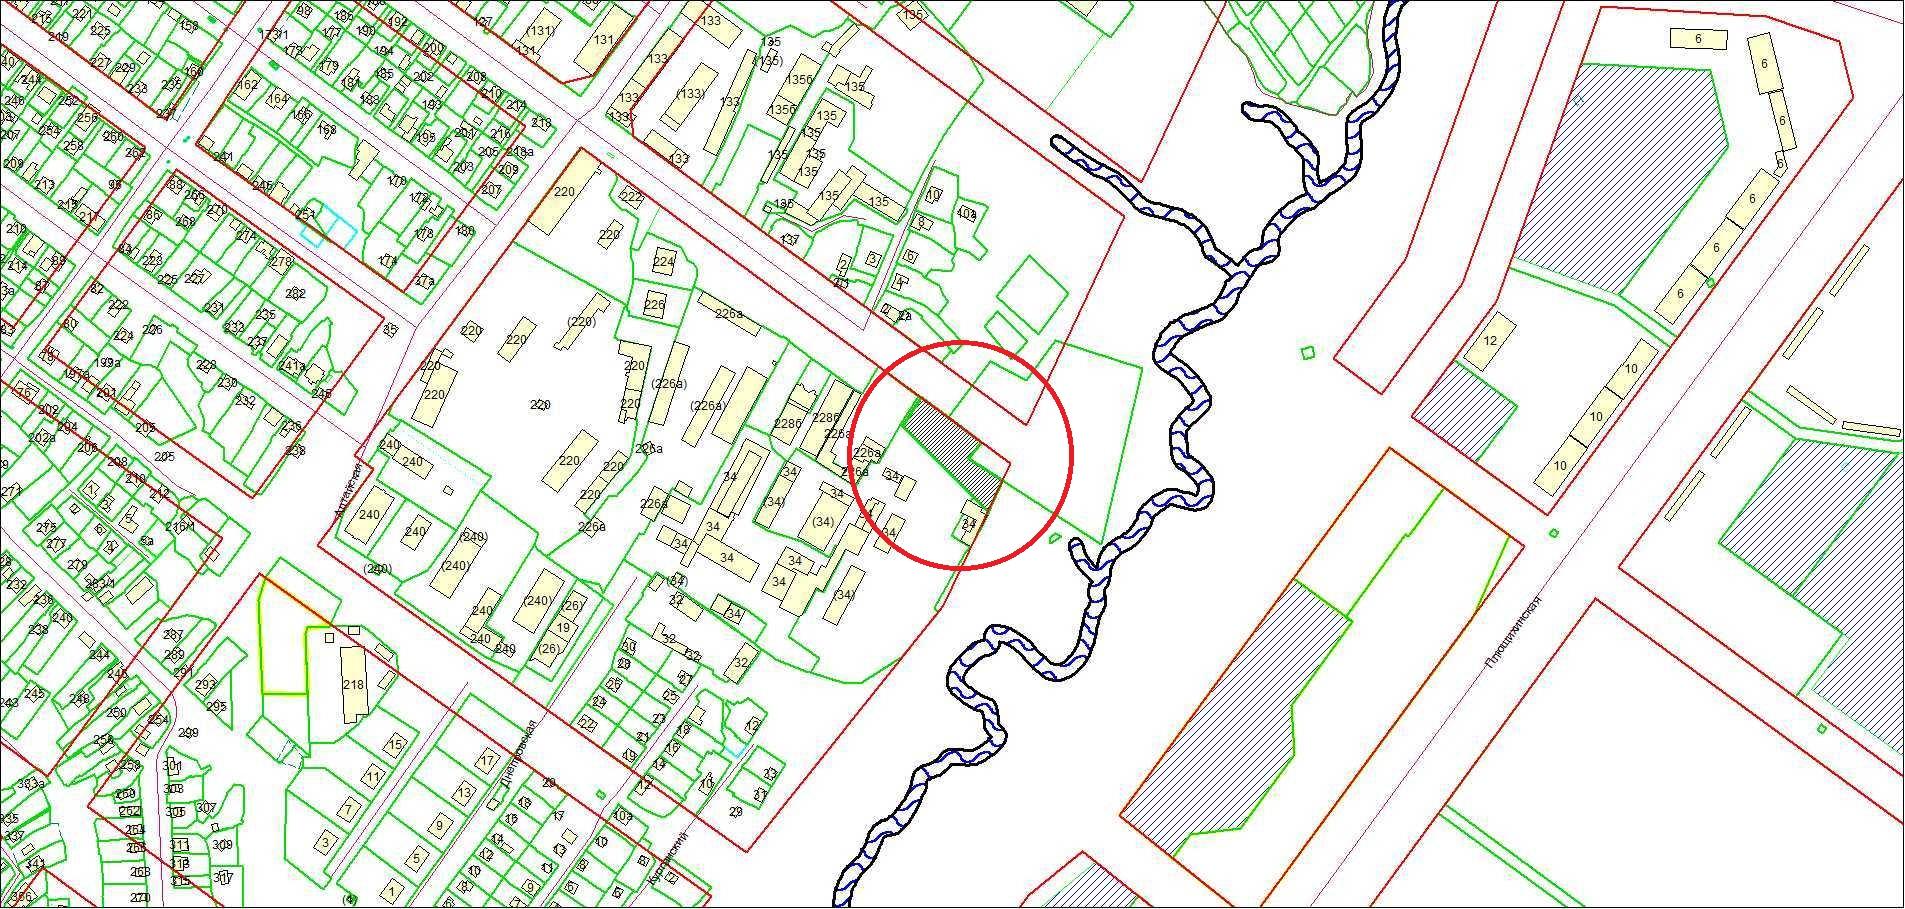 Схема расположения земельного участка площадью 2585 кв. м по адресу: ул. Воинская, 230 Октябрьский район